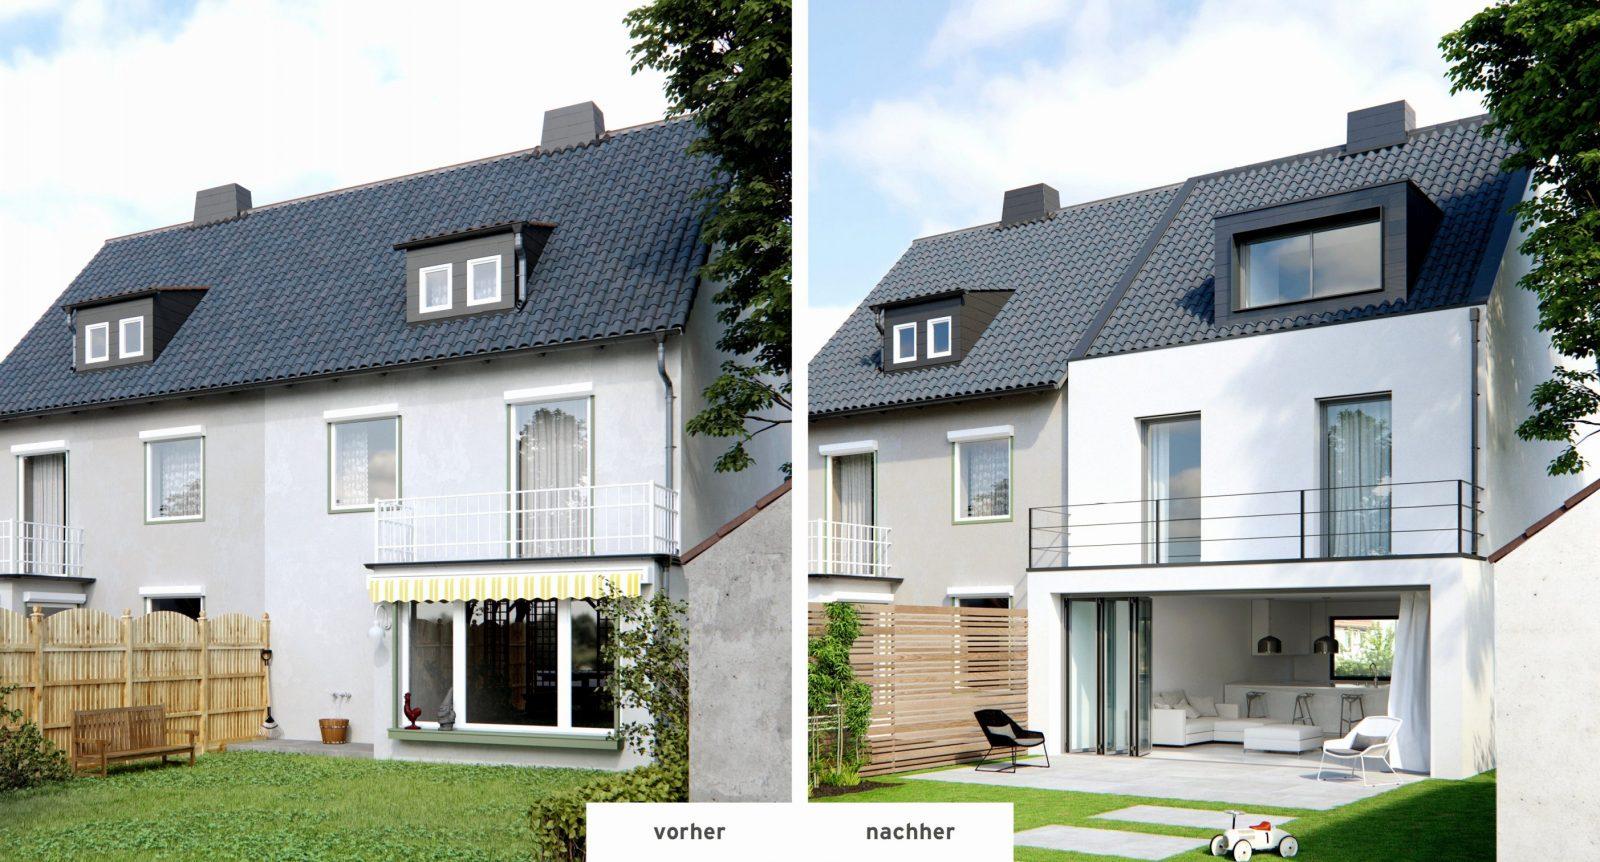 67 Schön Bilder Von Altes Haus Renovieren Vorher Nachher  Haus von Altes Haus Renovieren Vorher Nachher Photo